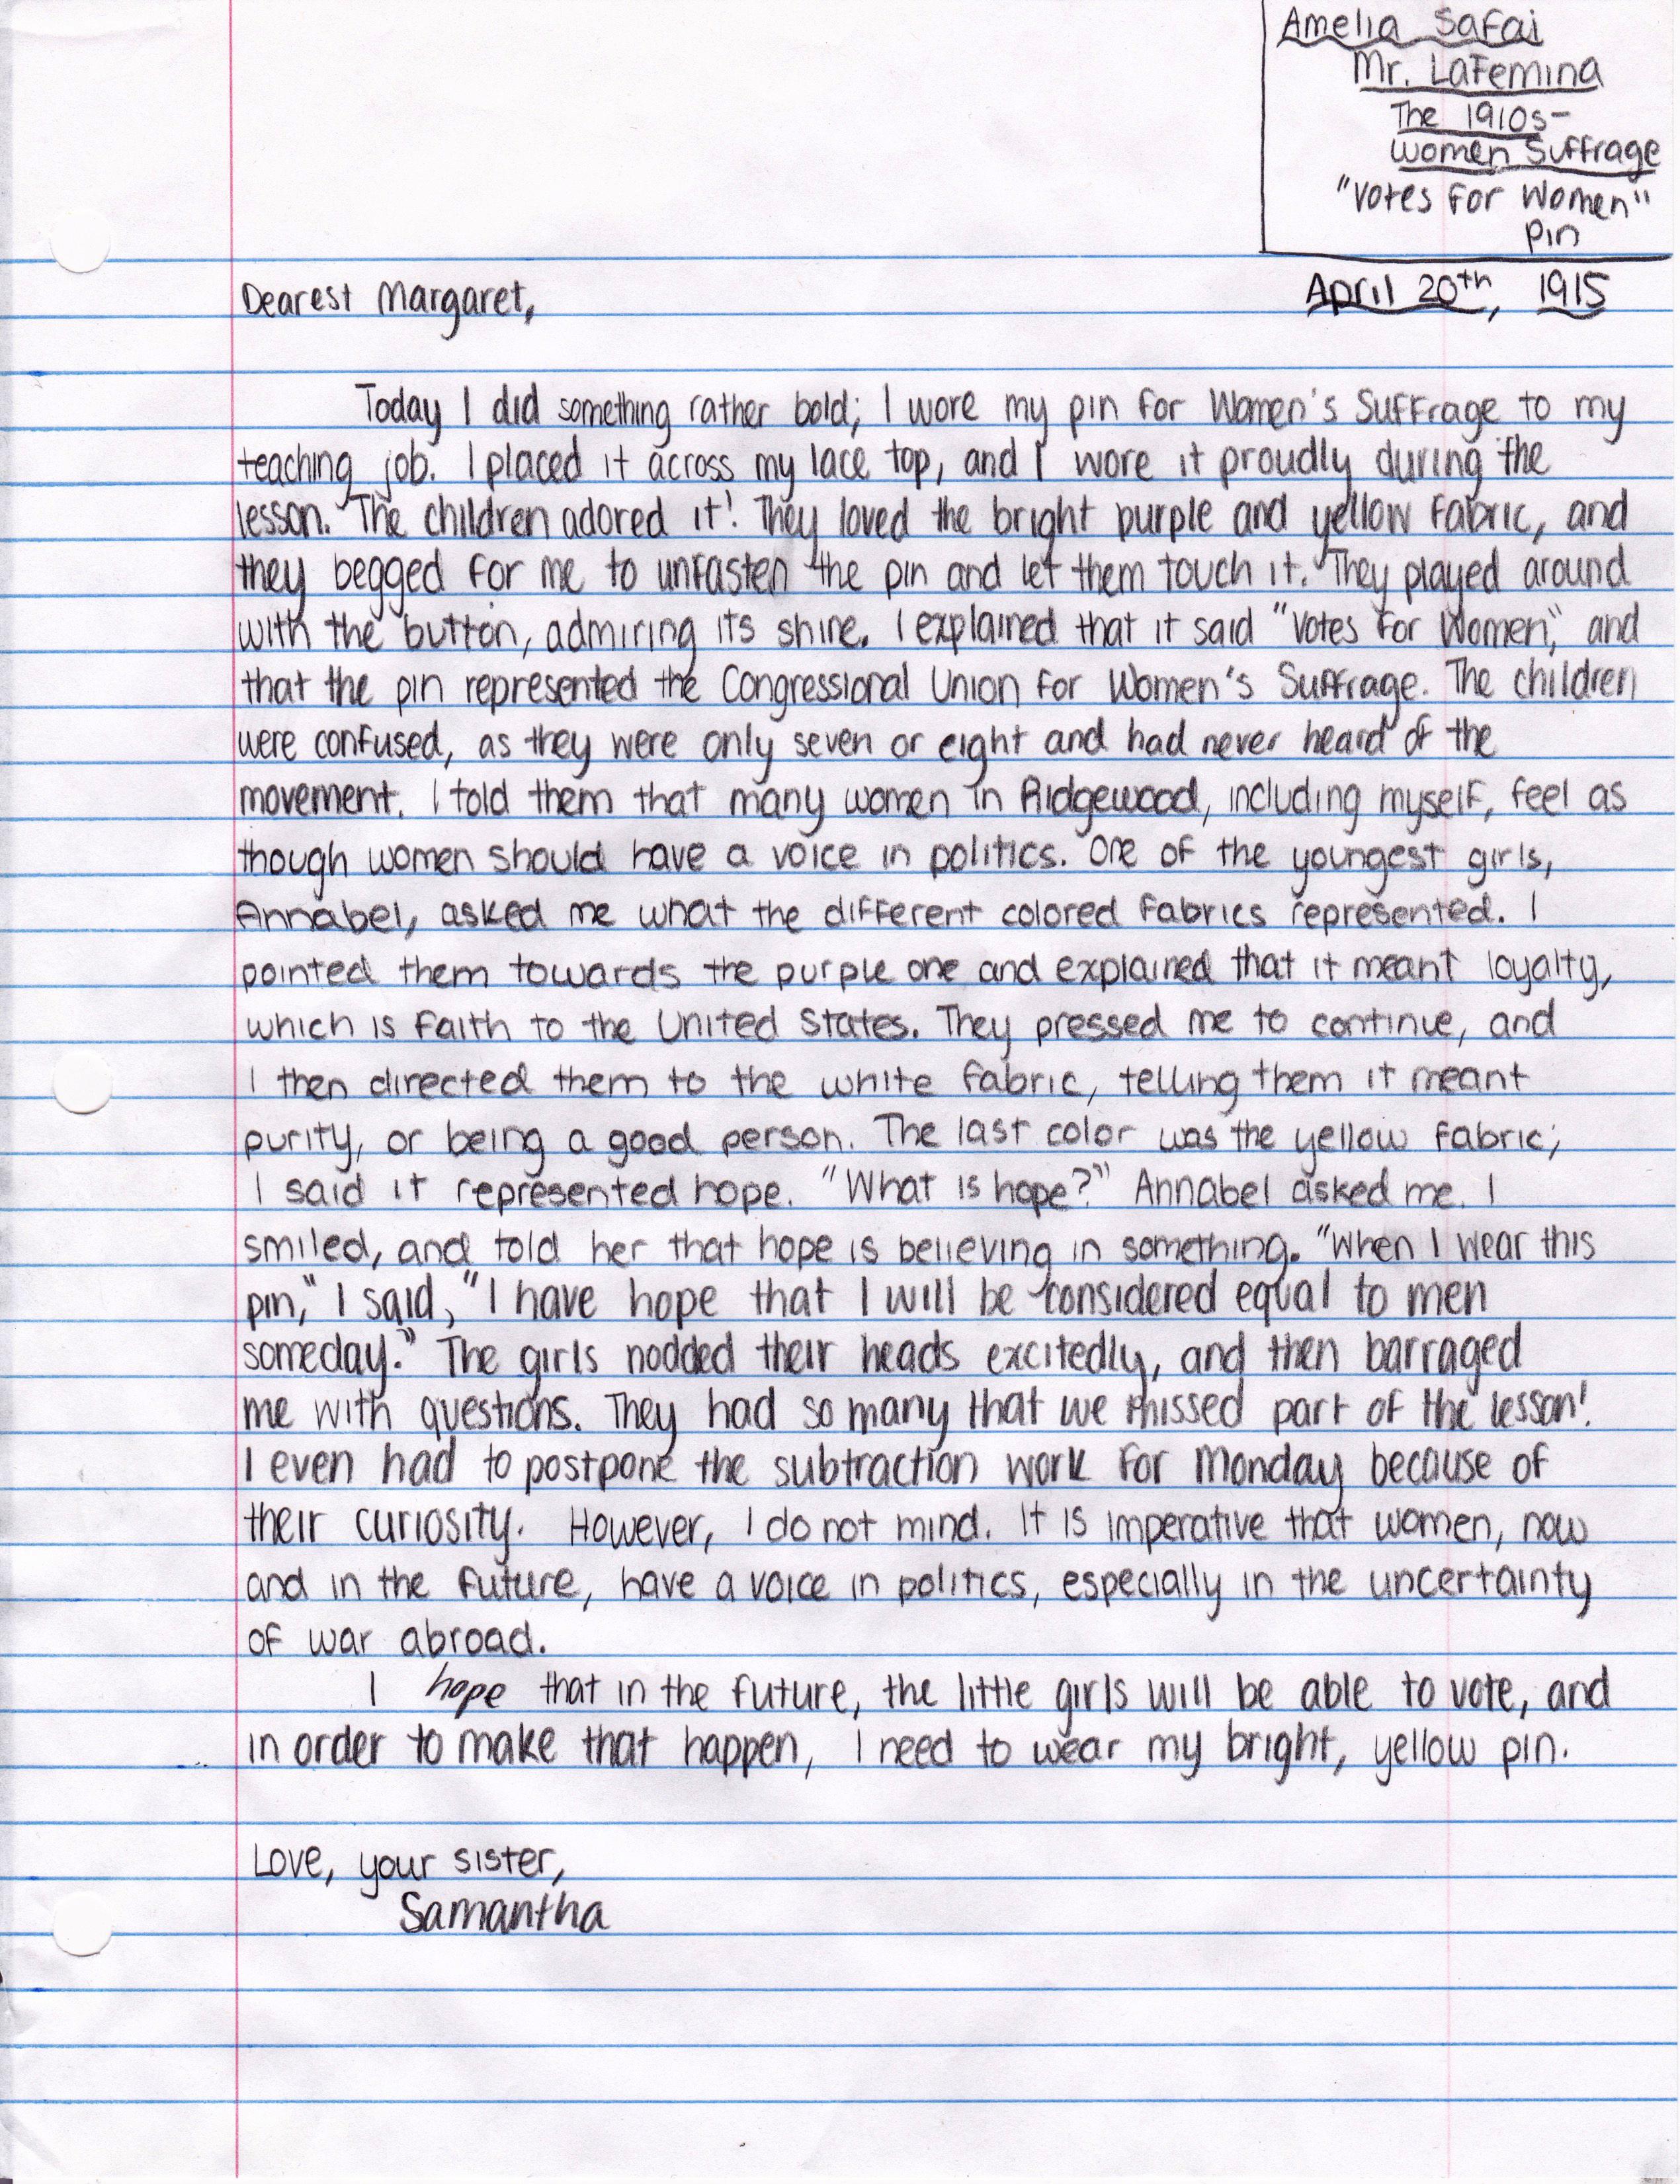 1A_Safai_letter